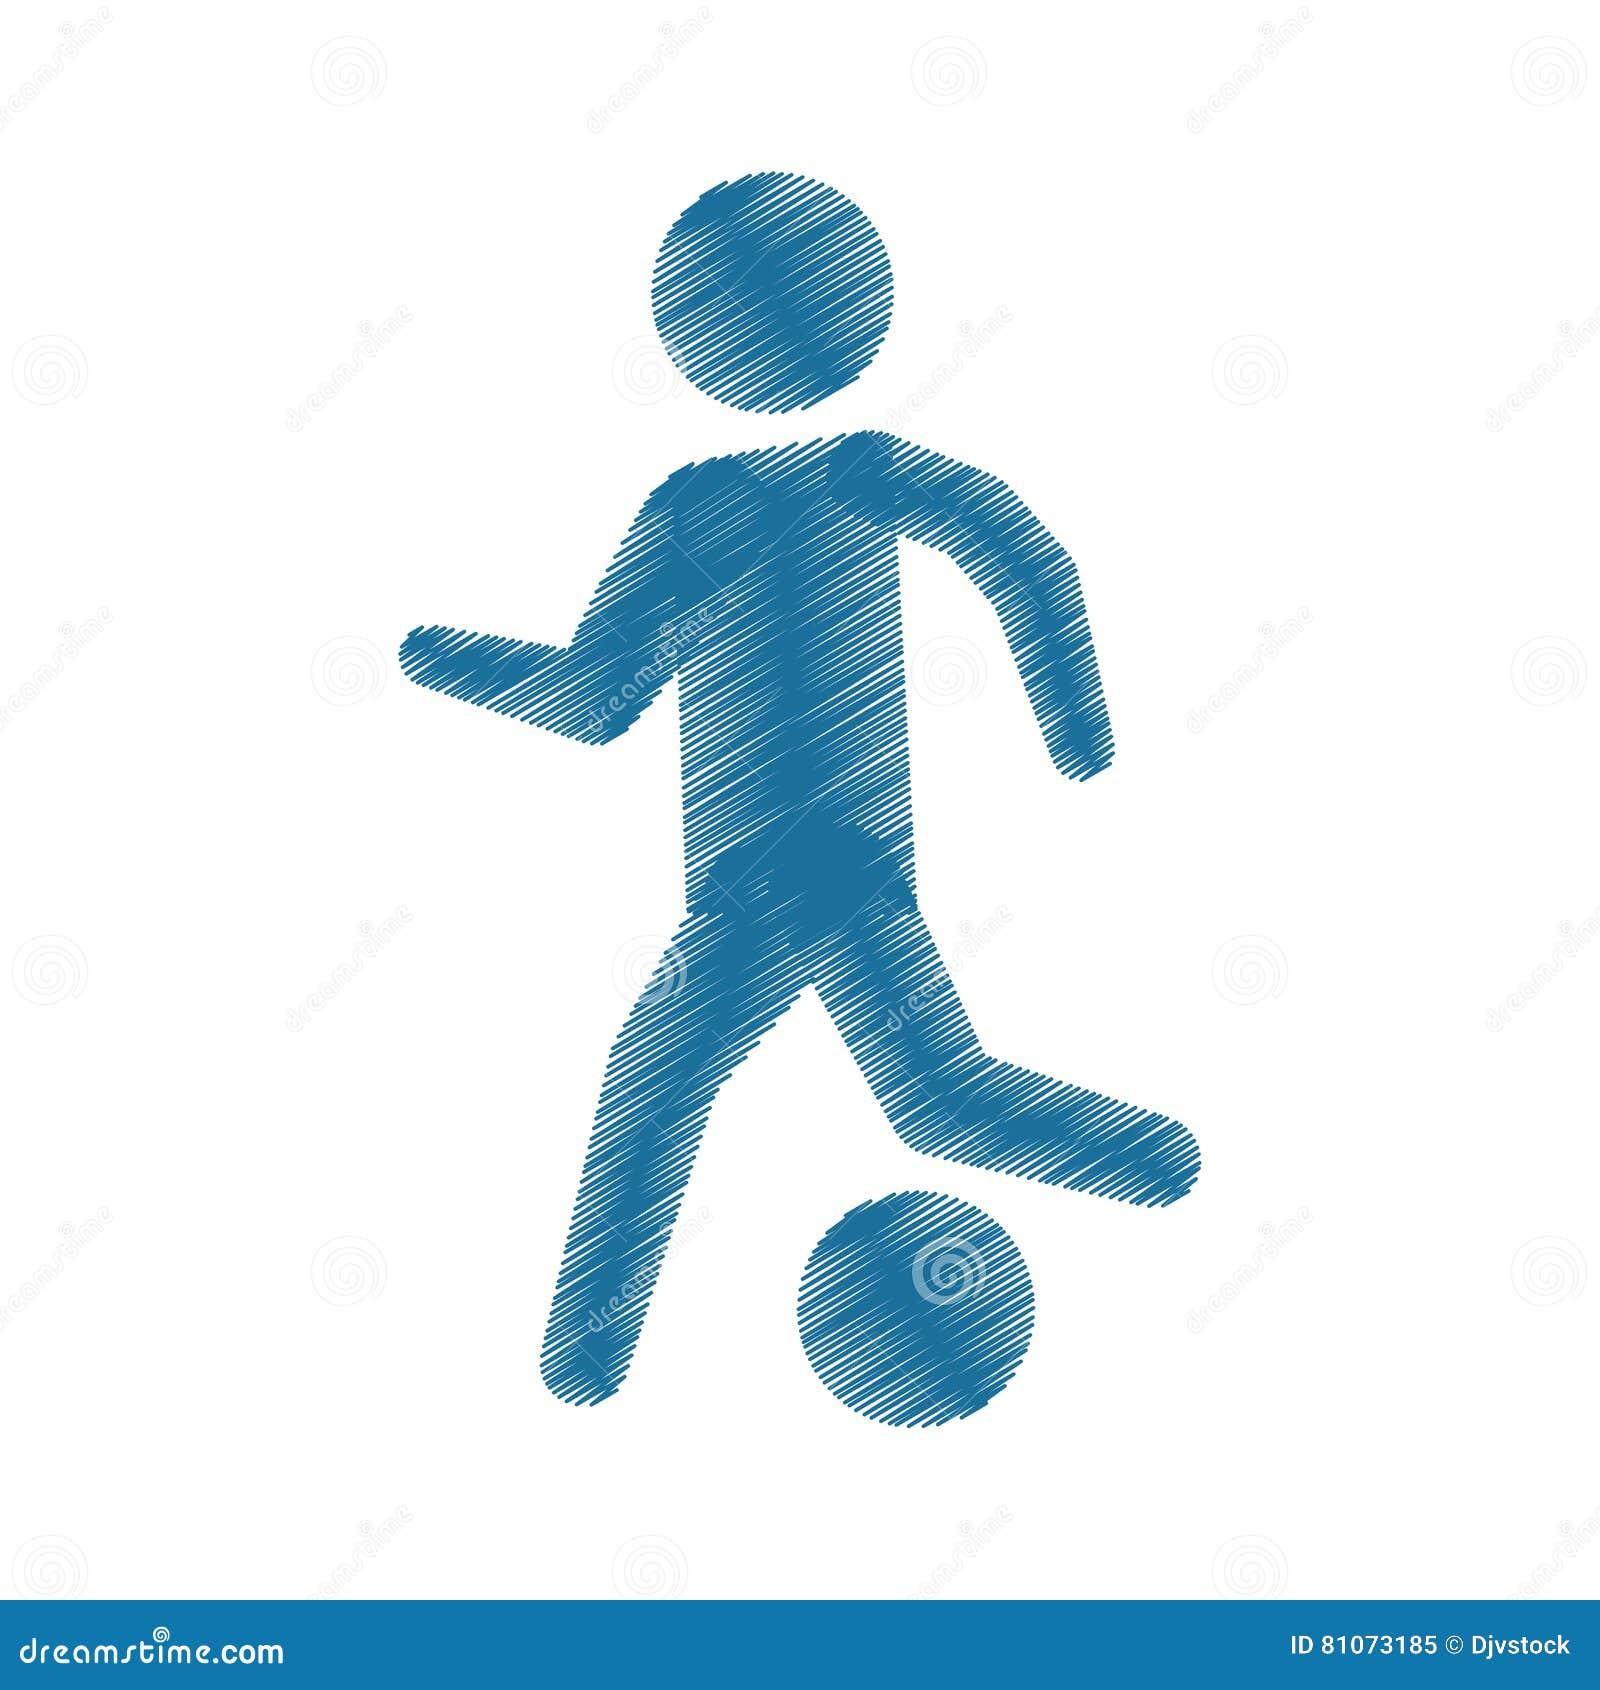 Icono Coloreado De Dibujo Del Balón De Fútbol Del Jugador De La ...